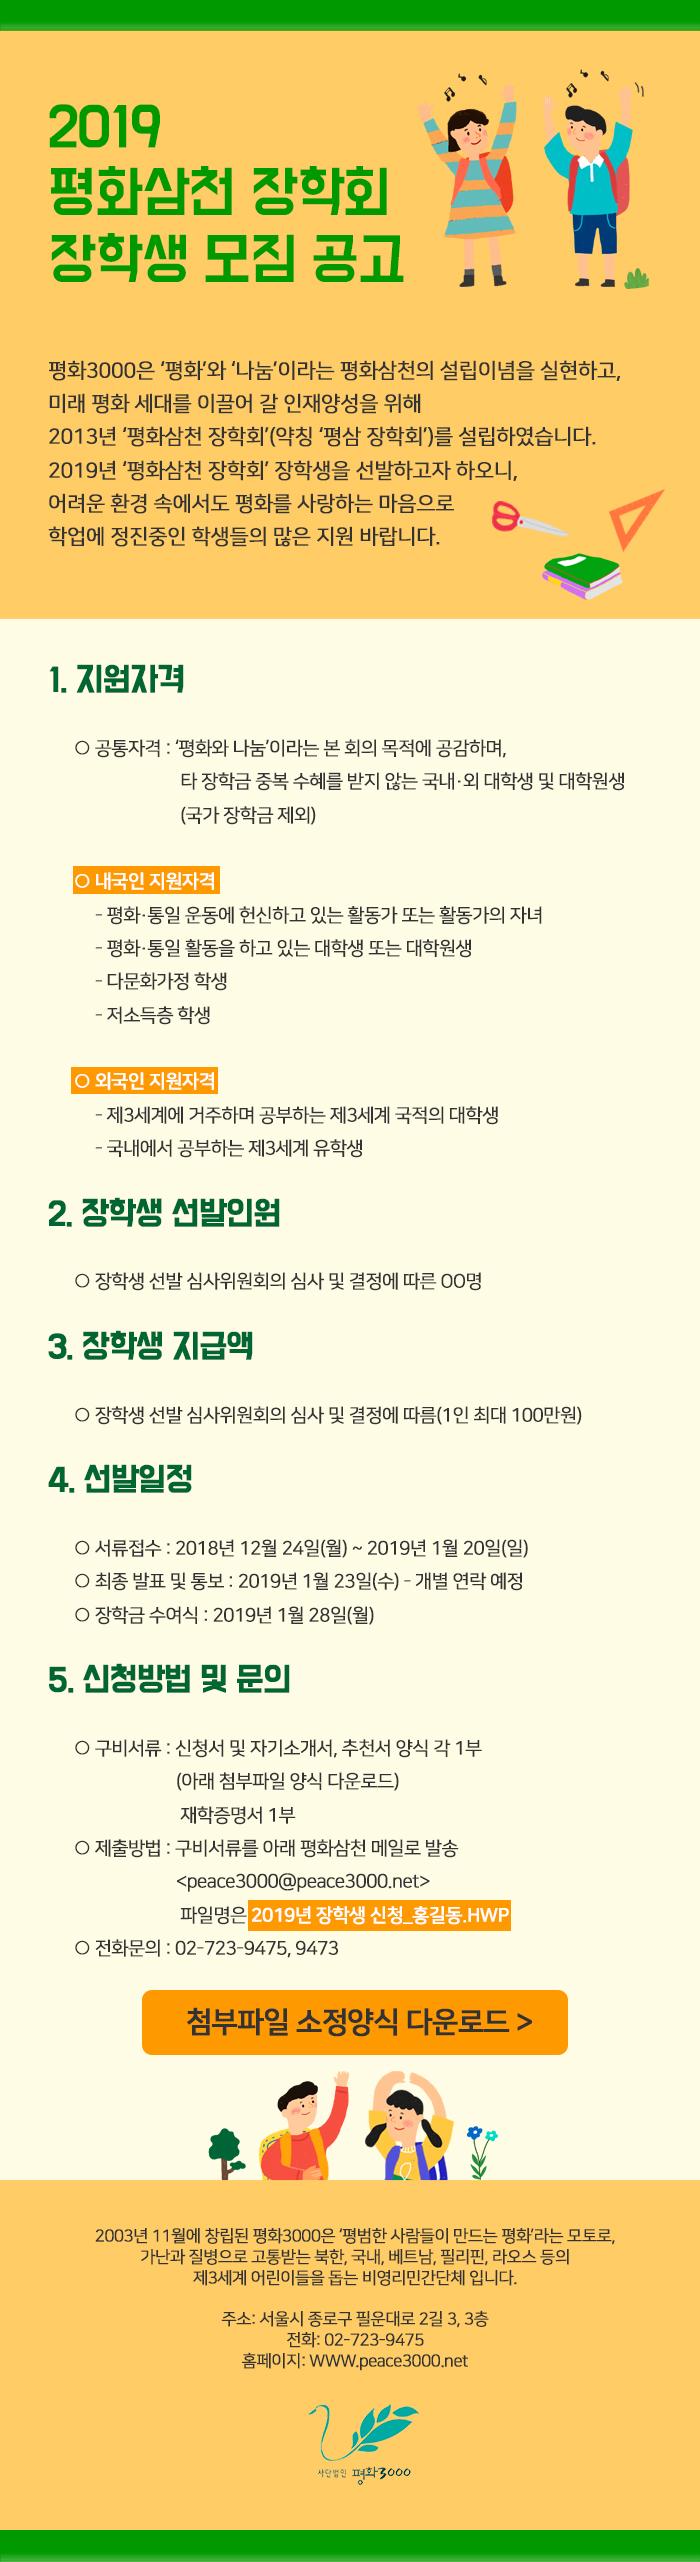 2019 평삼 장학회 포스터